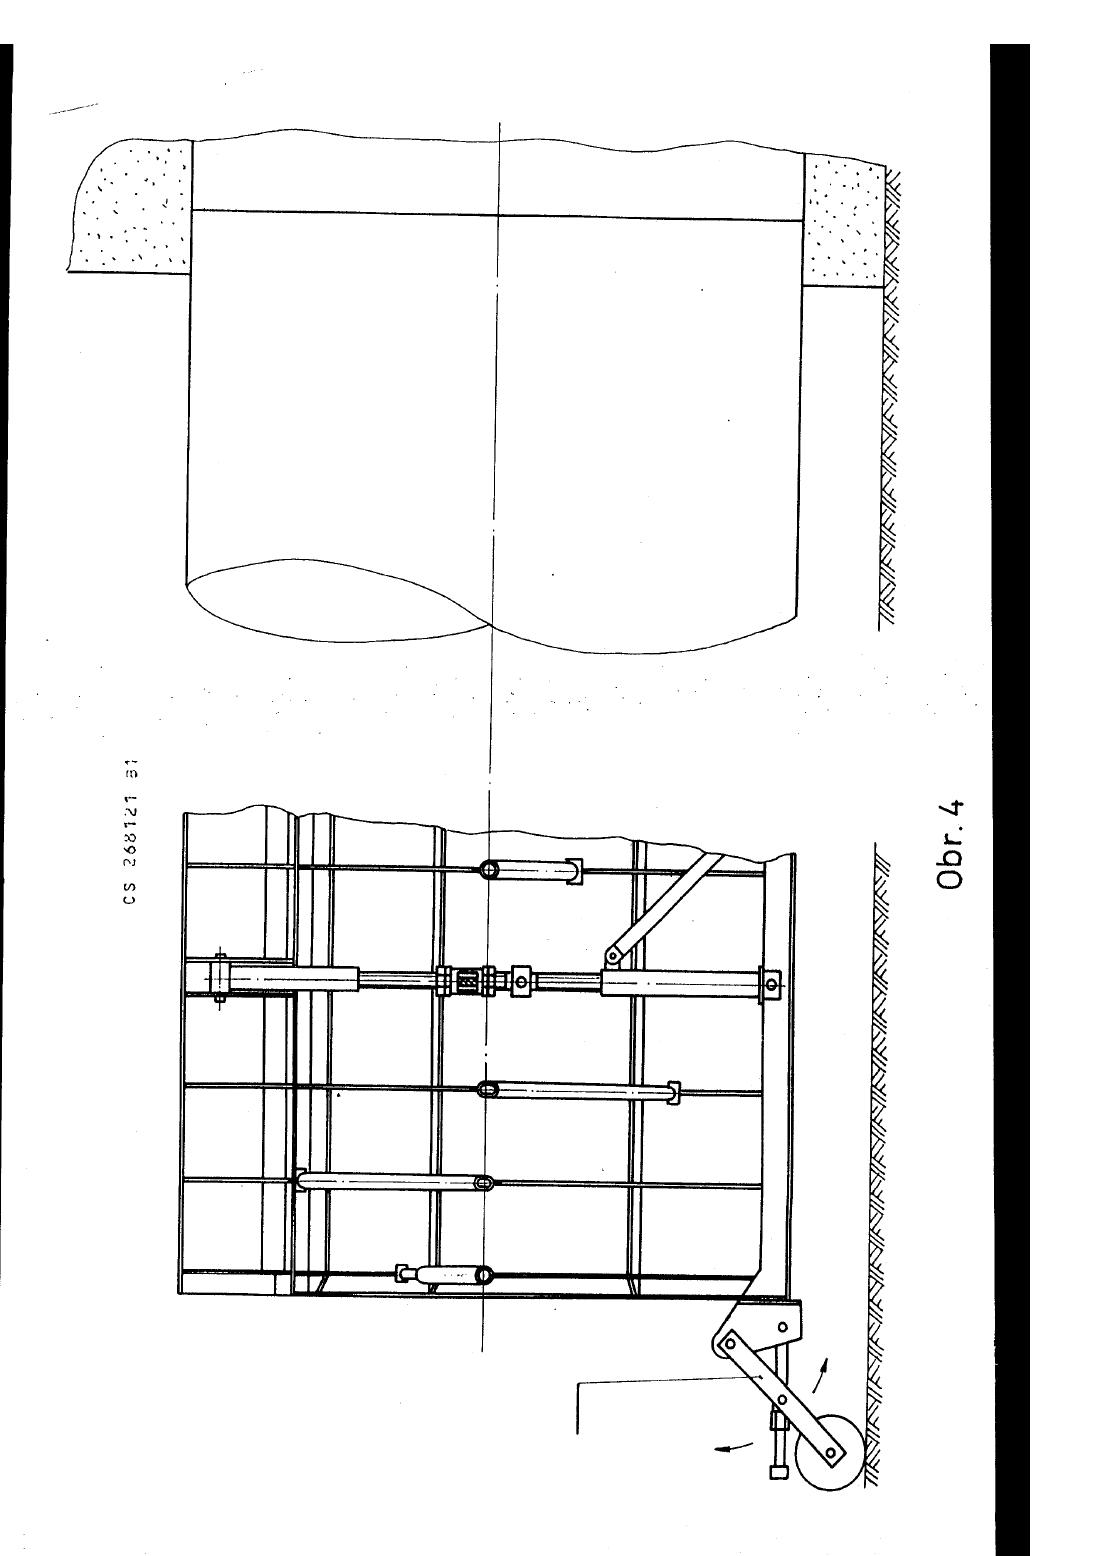 Ocelove Bedneni Pro Betonovani Obezdivky Stoly Najednou 14 03 1990